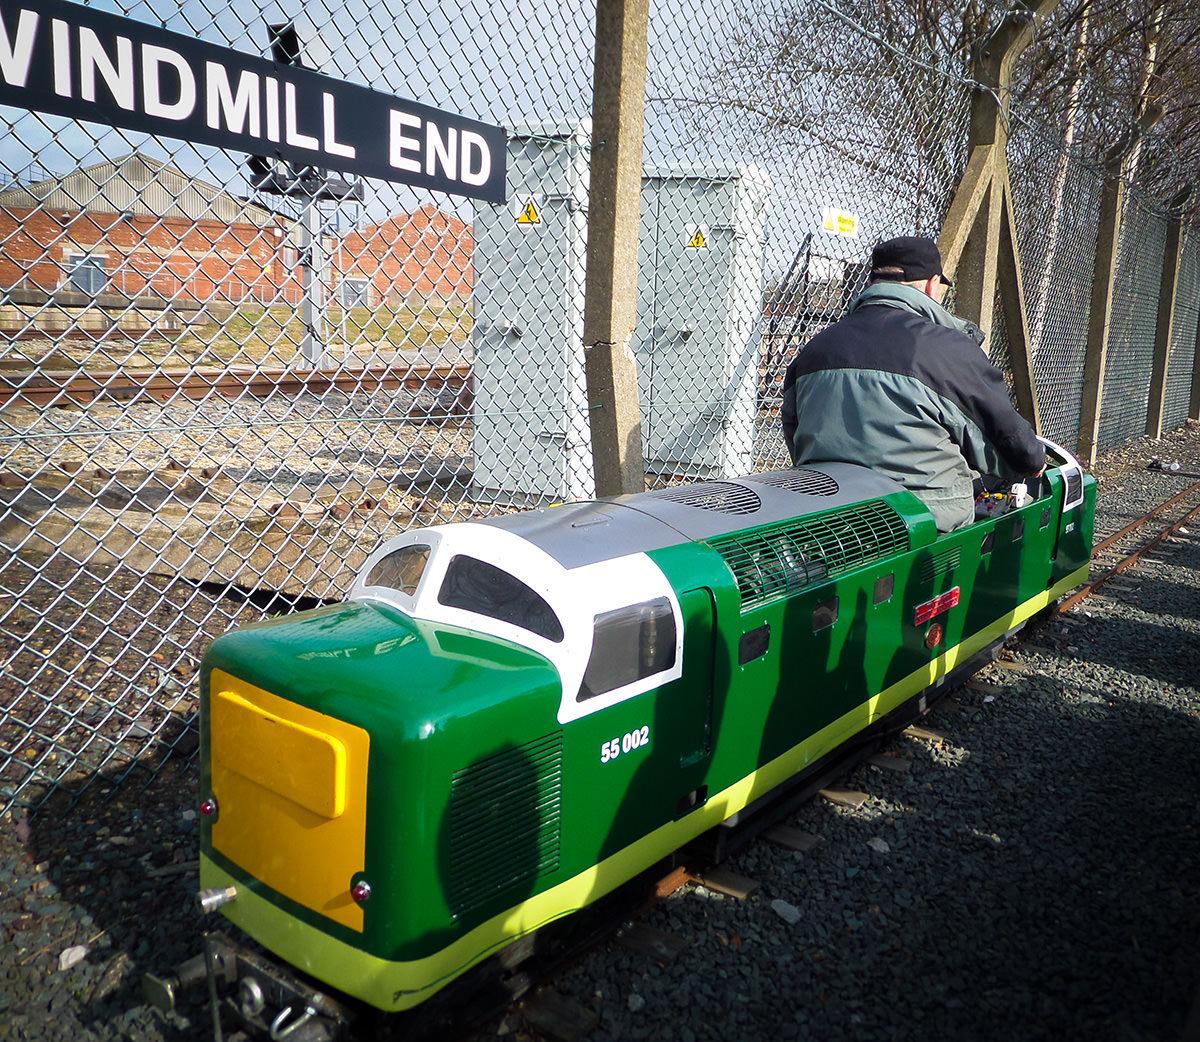 Railway-Museum-Visit-16